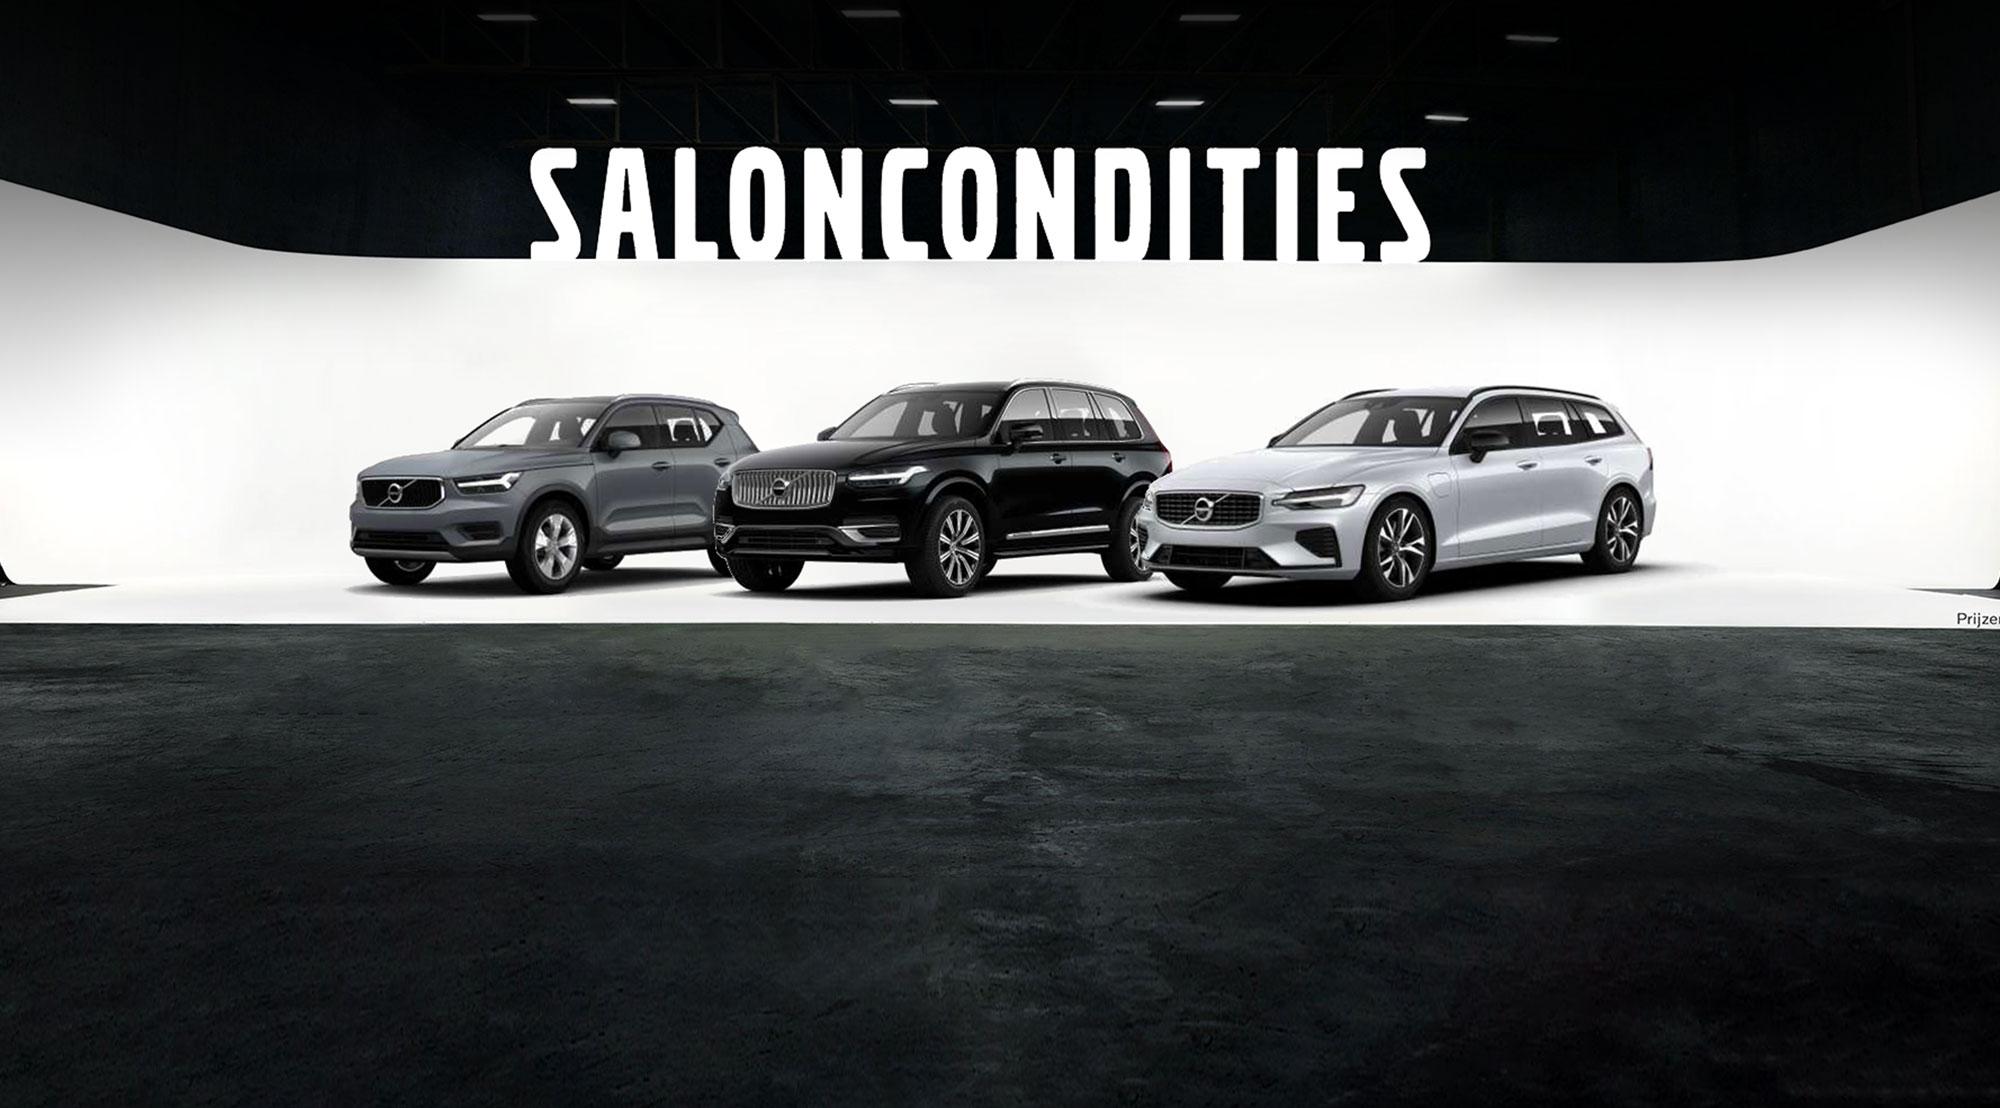 Volvo Van Houdt Nog tot 28 februari verlengde saloncondities!